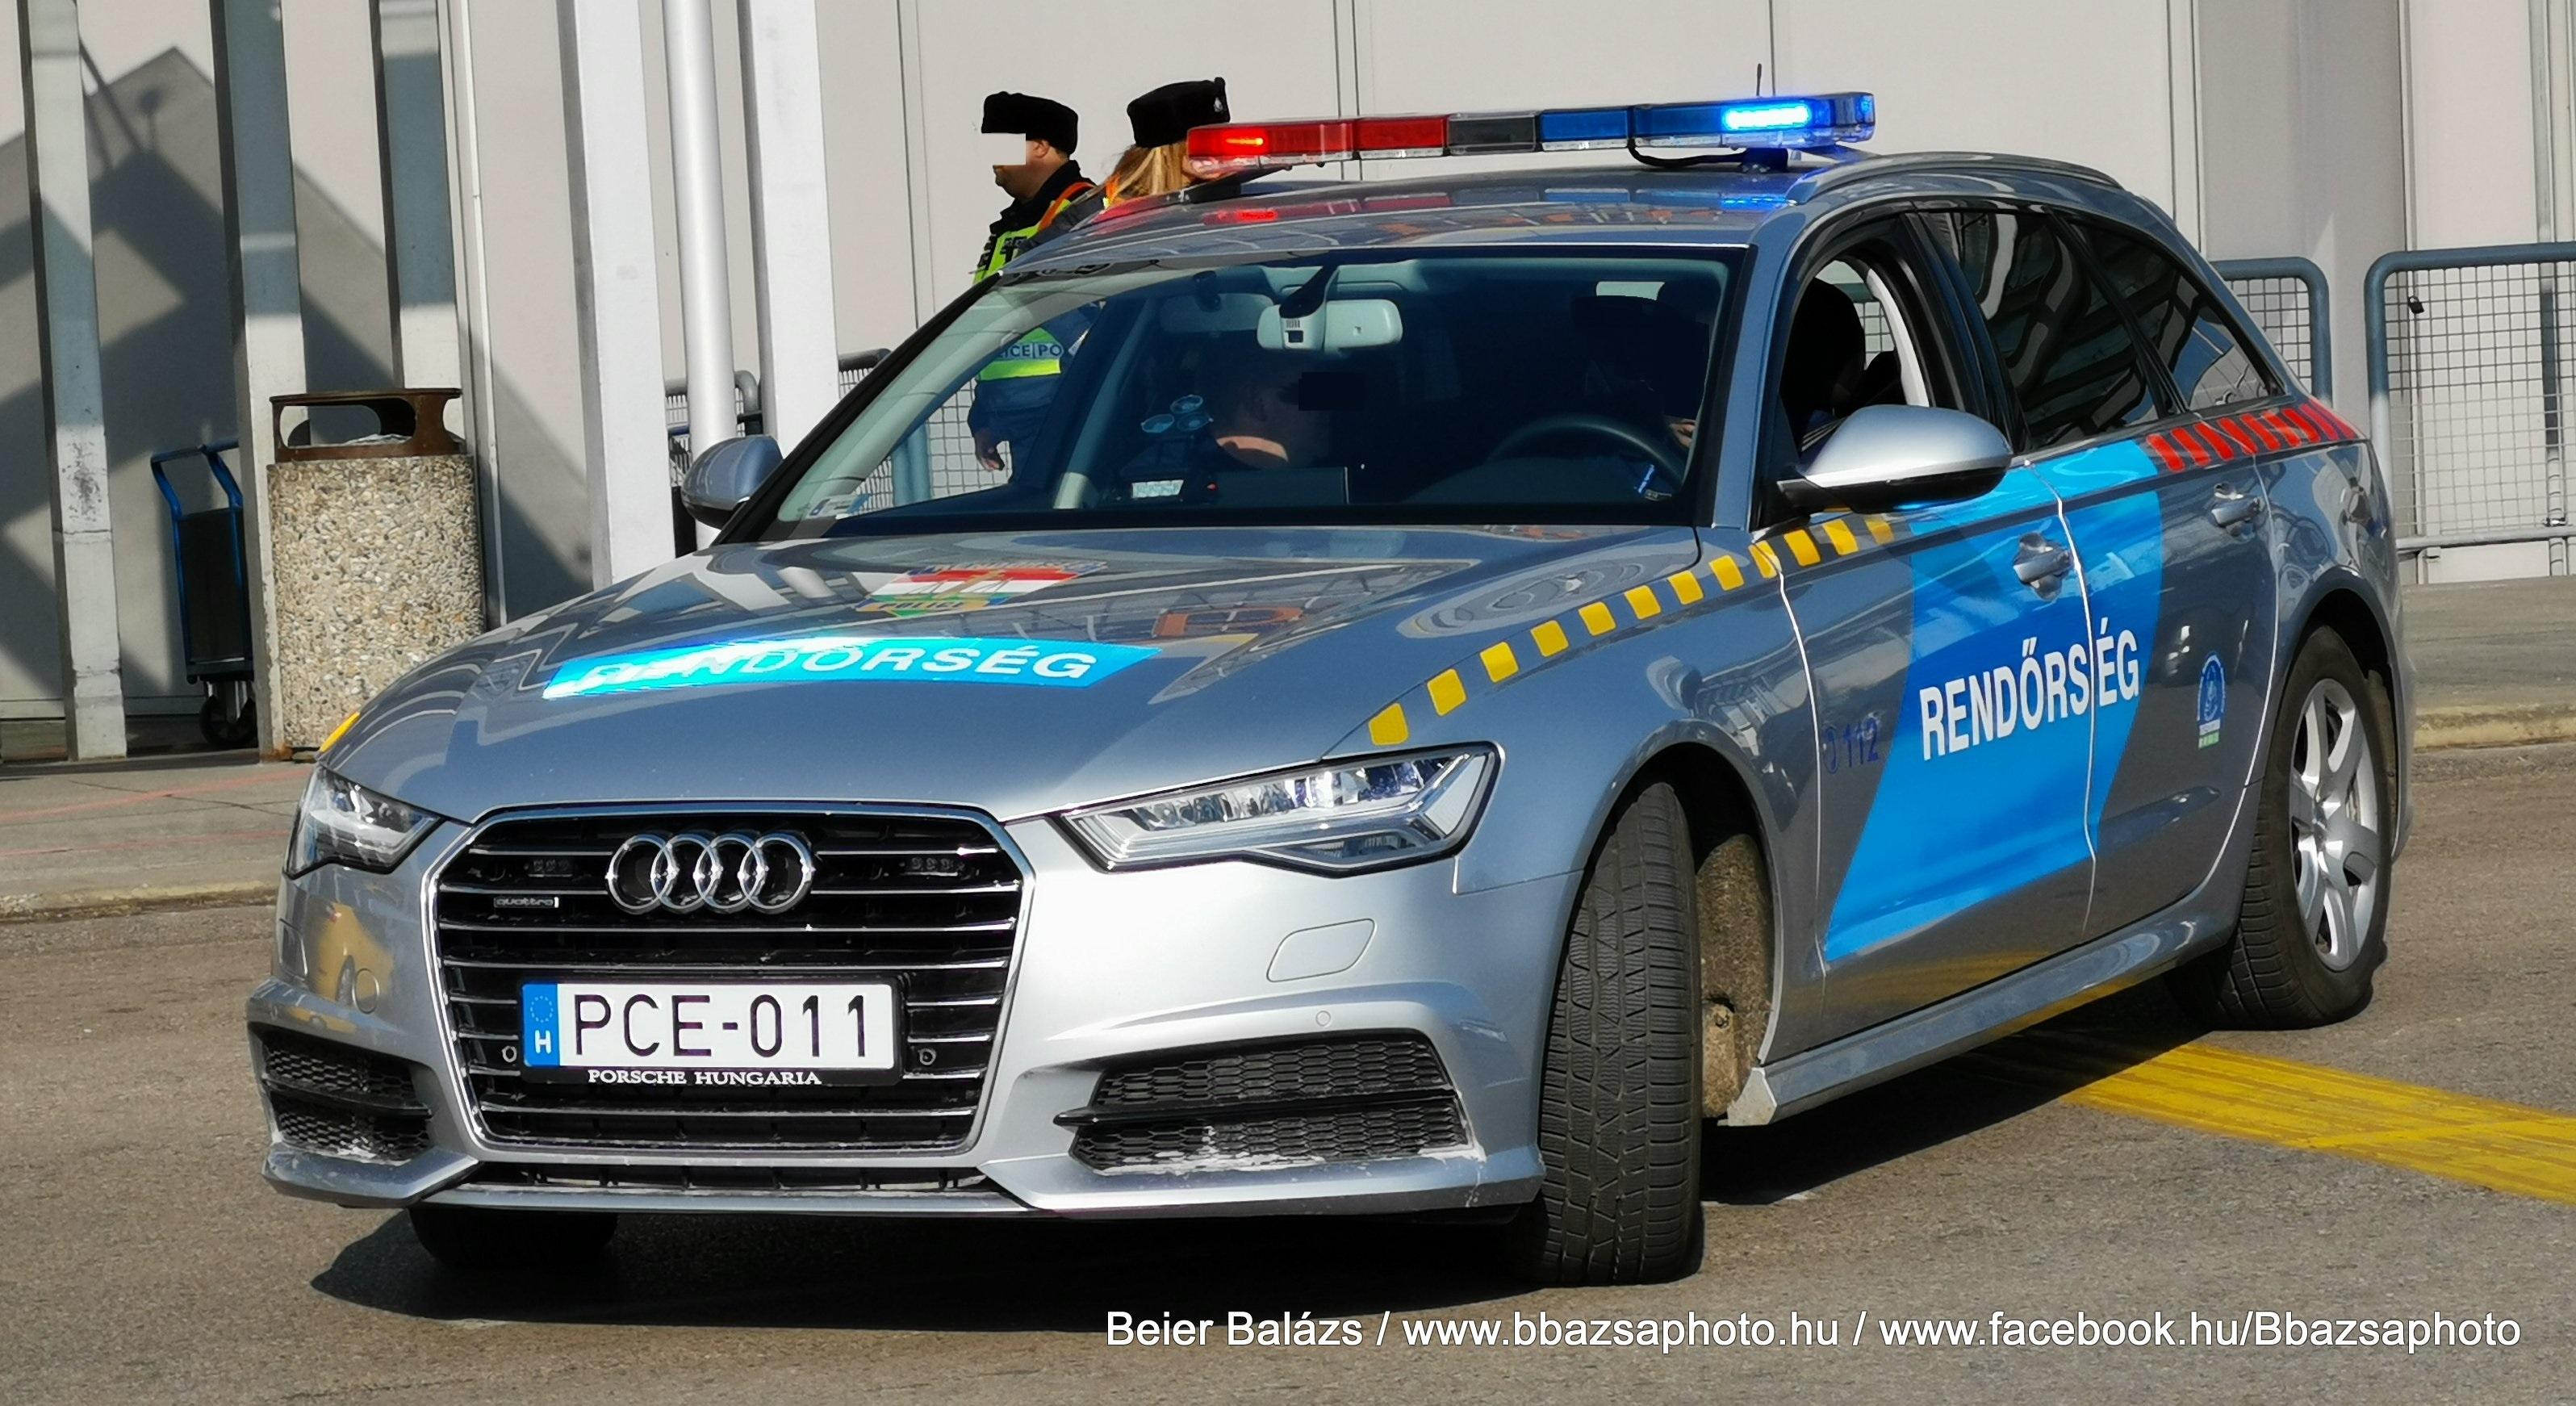 Audi A6 kombi – Készenléti Rendőrség